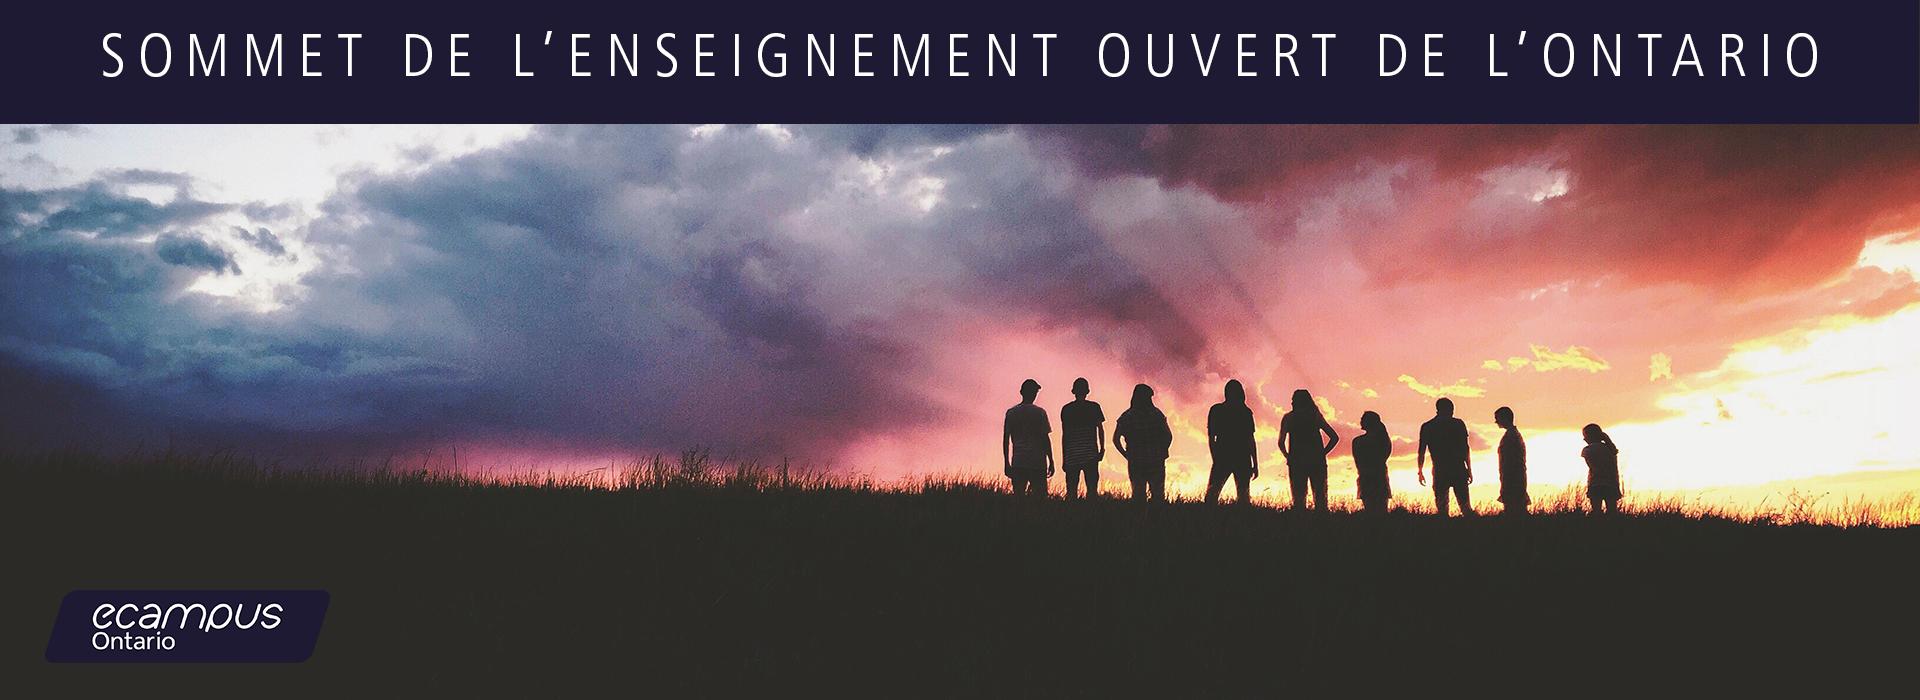 """groupe de personnes se tenant debout sur une colline regardant le coucher du soleil avec une légende de """"sommet de l'enseignement ouvert de l'ontario"""" présenté par ecampus ontario"""